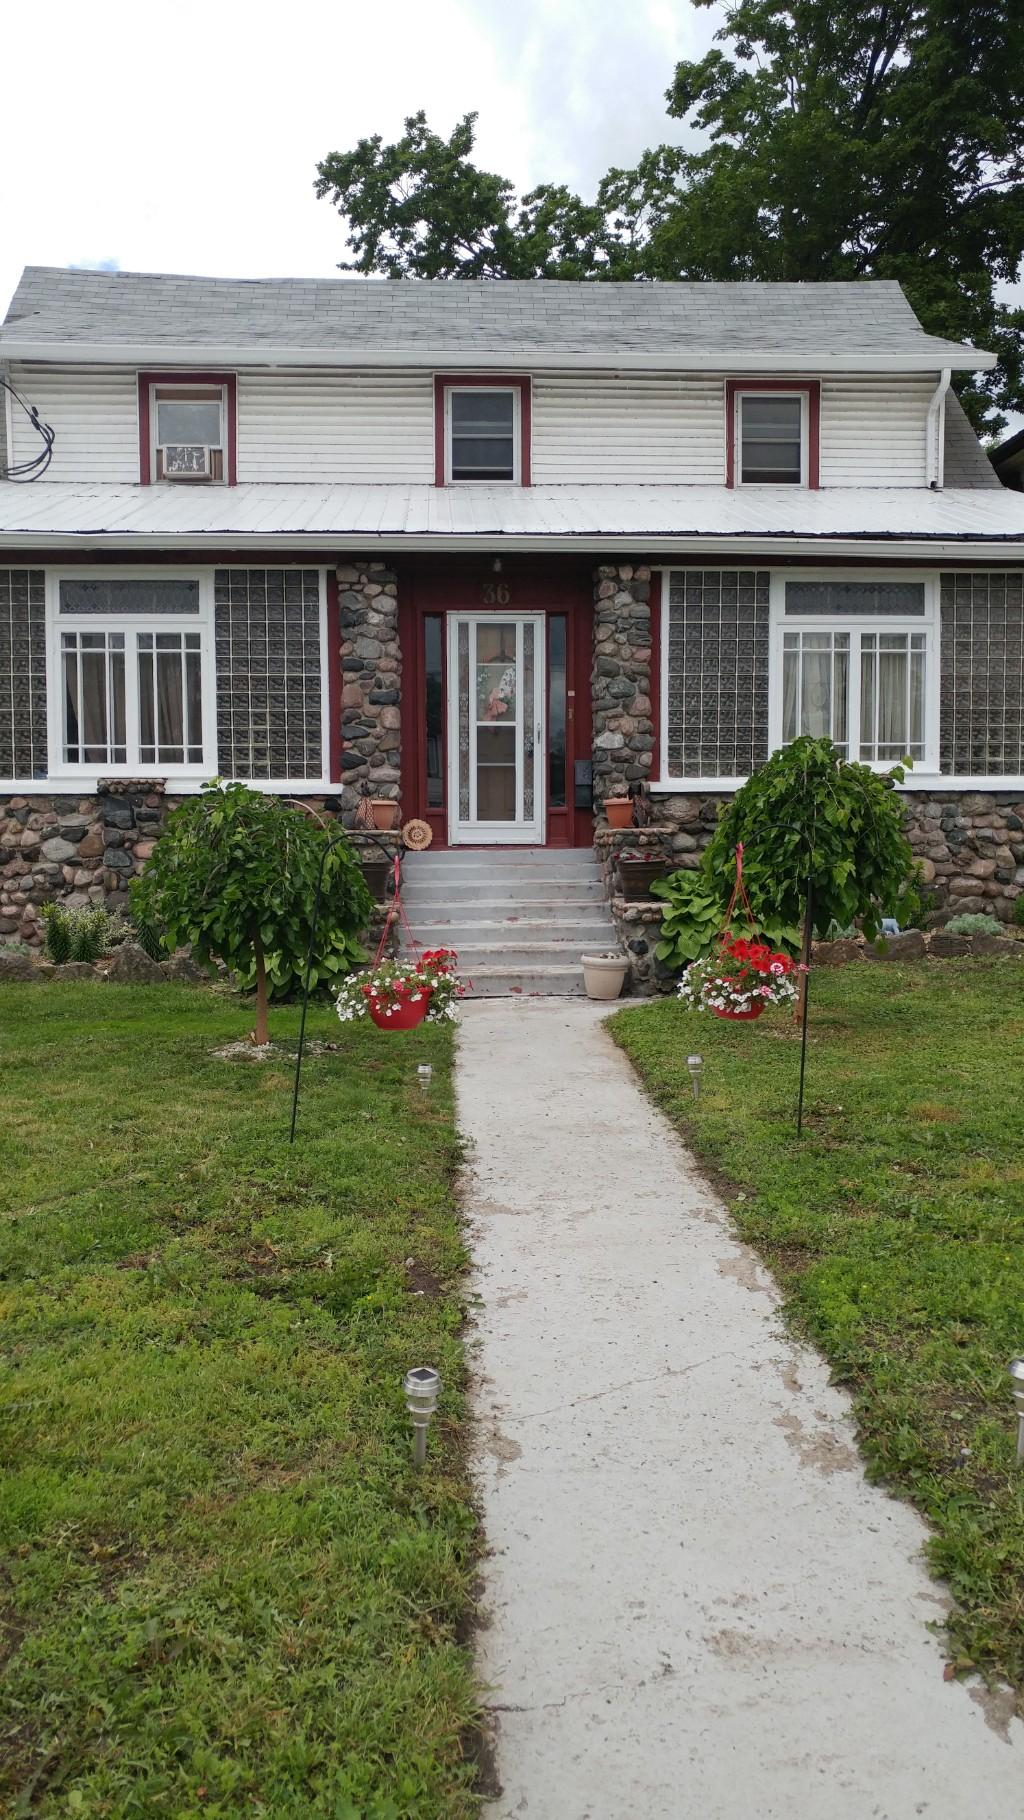 36 marmora st, Quinte West Ontario, Canada